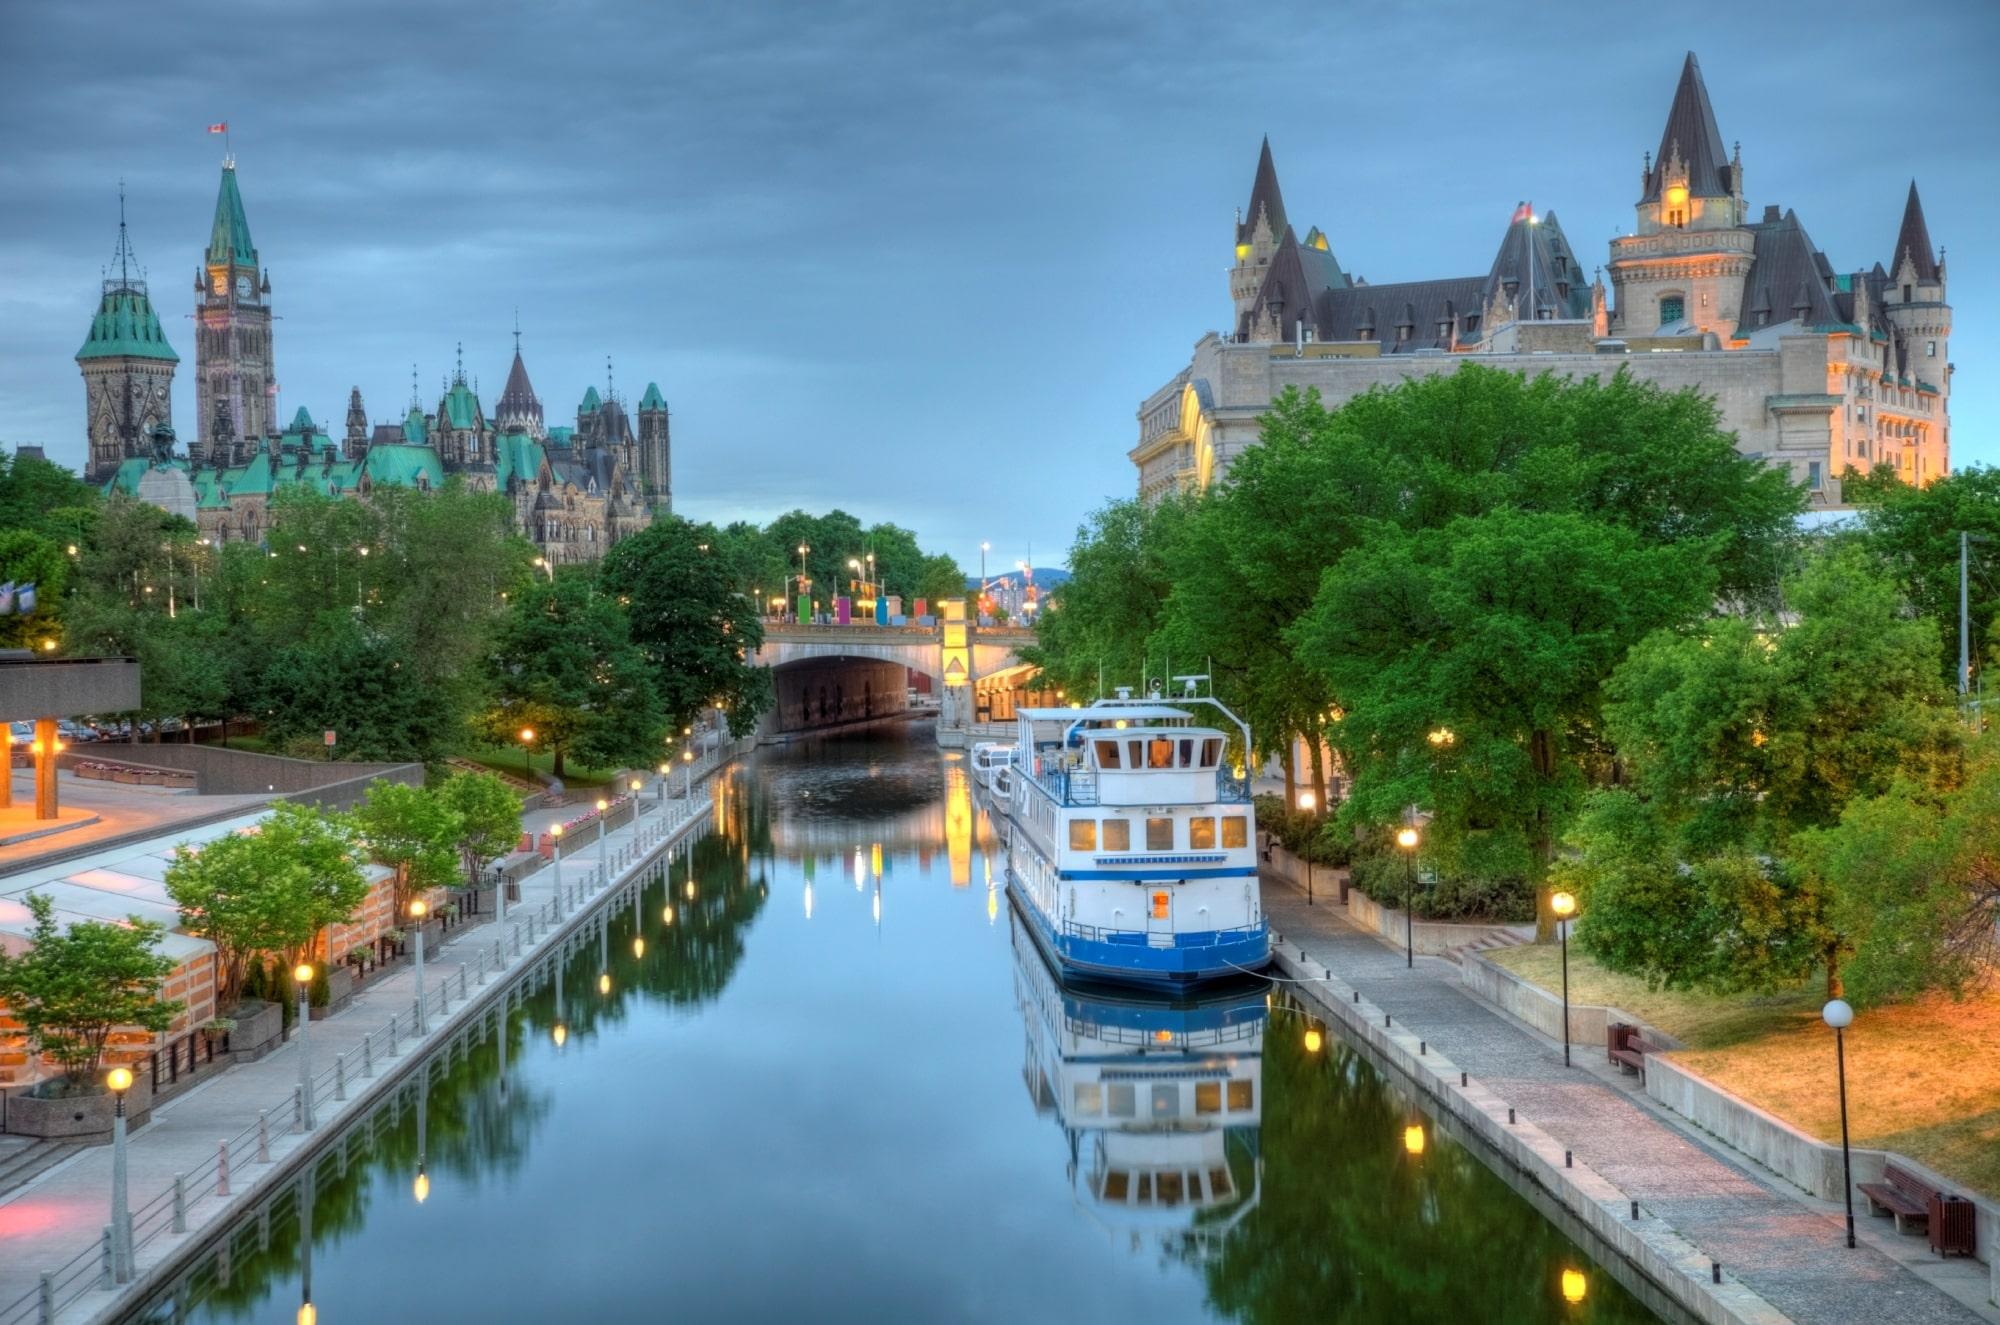 Thành phố Québec sử dụng tiếng Pháp như ngôn ngữ chính